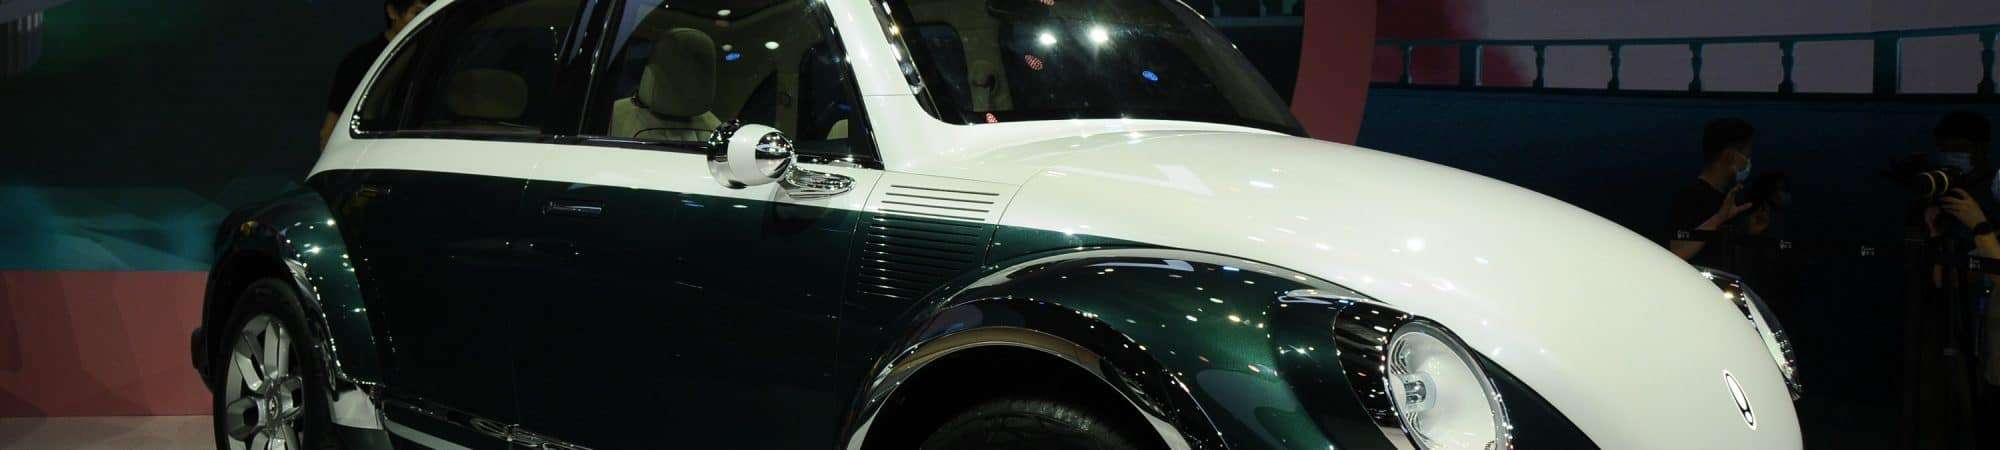 'Clone' chinês e elétrico do Fusca é patenteado na Europa. Imagem: Auto Evolution/Reprodução